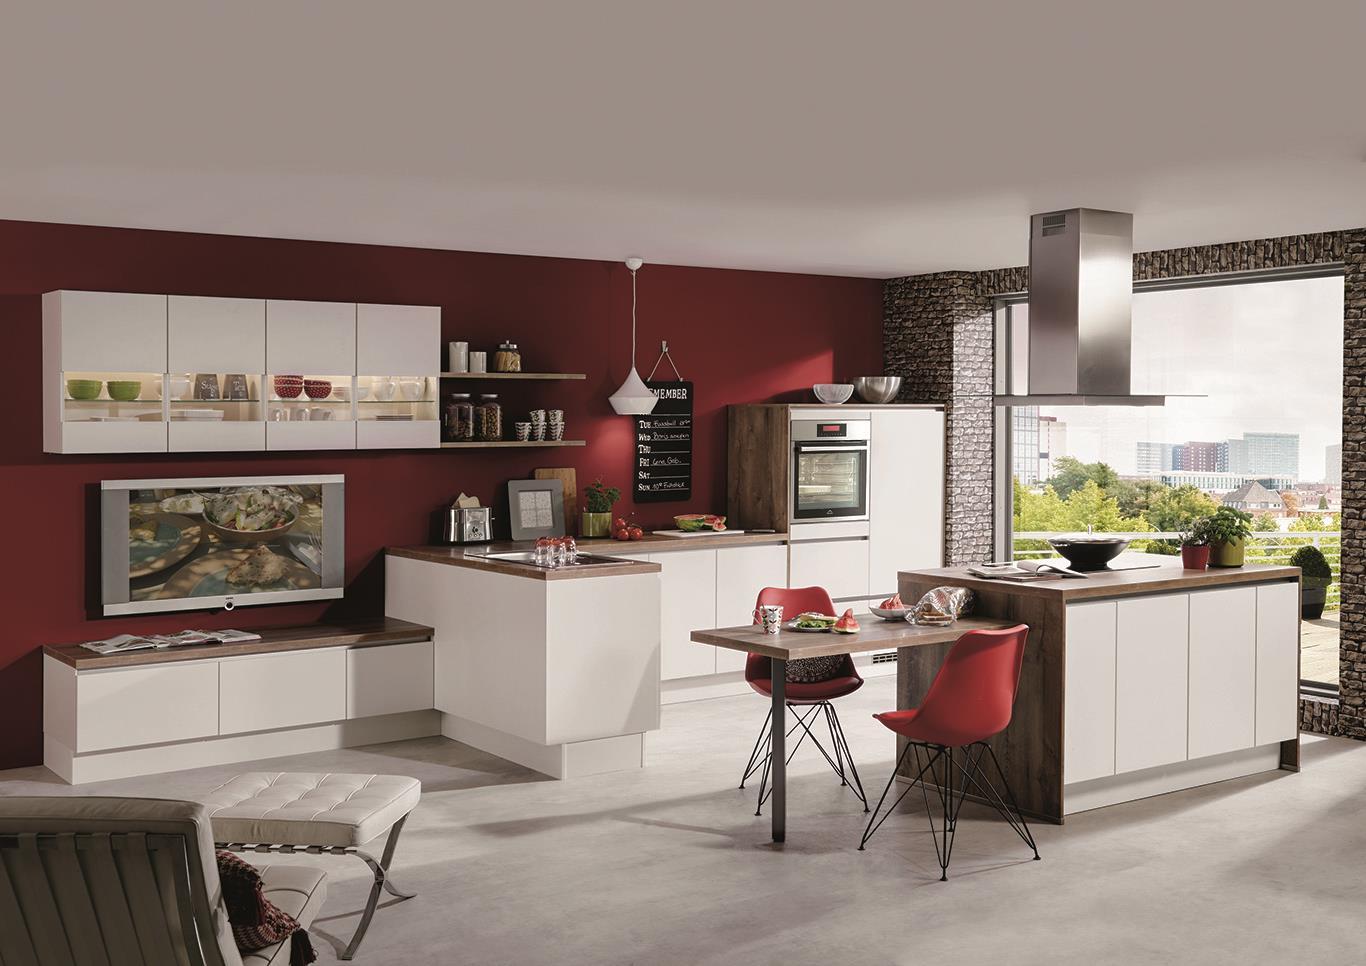 Maisons + Terrains du constructeur LES MAISONS.COM • 109 m² • LES ECRENNES